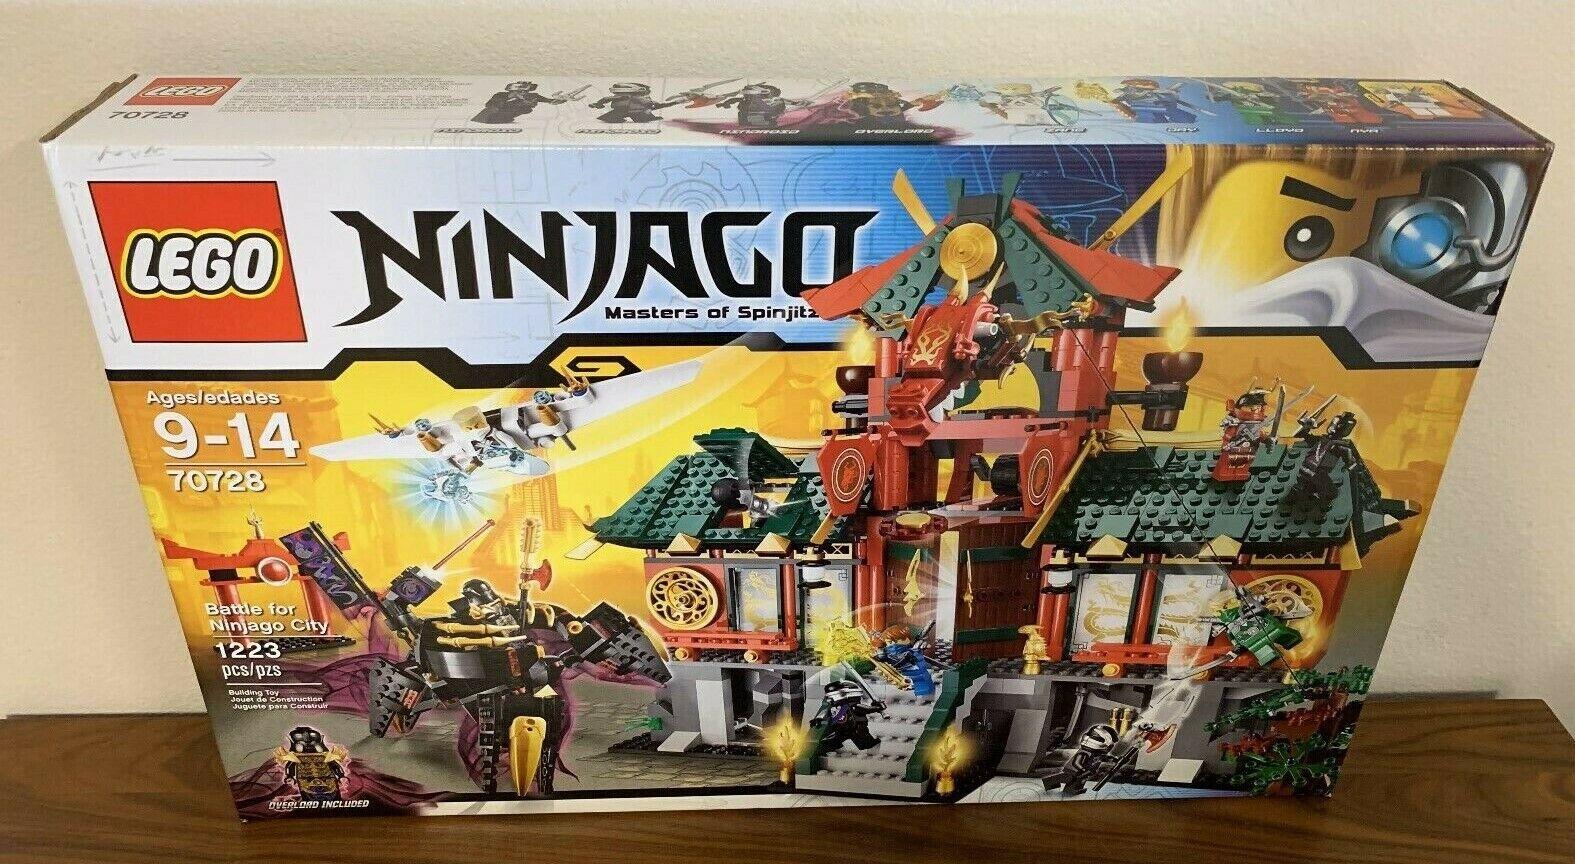 alto sconto LEGO Ninjago Ninjago Ninjago 70728  Battle for Ninjago città, nuovo in Factory Sealed scatola  economico e di alta qualità